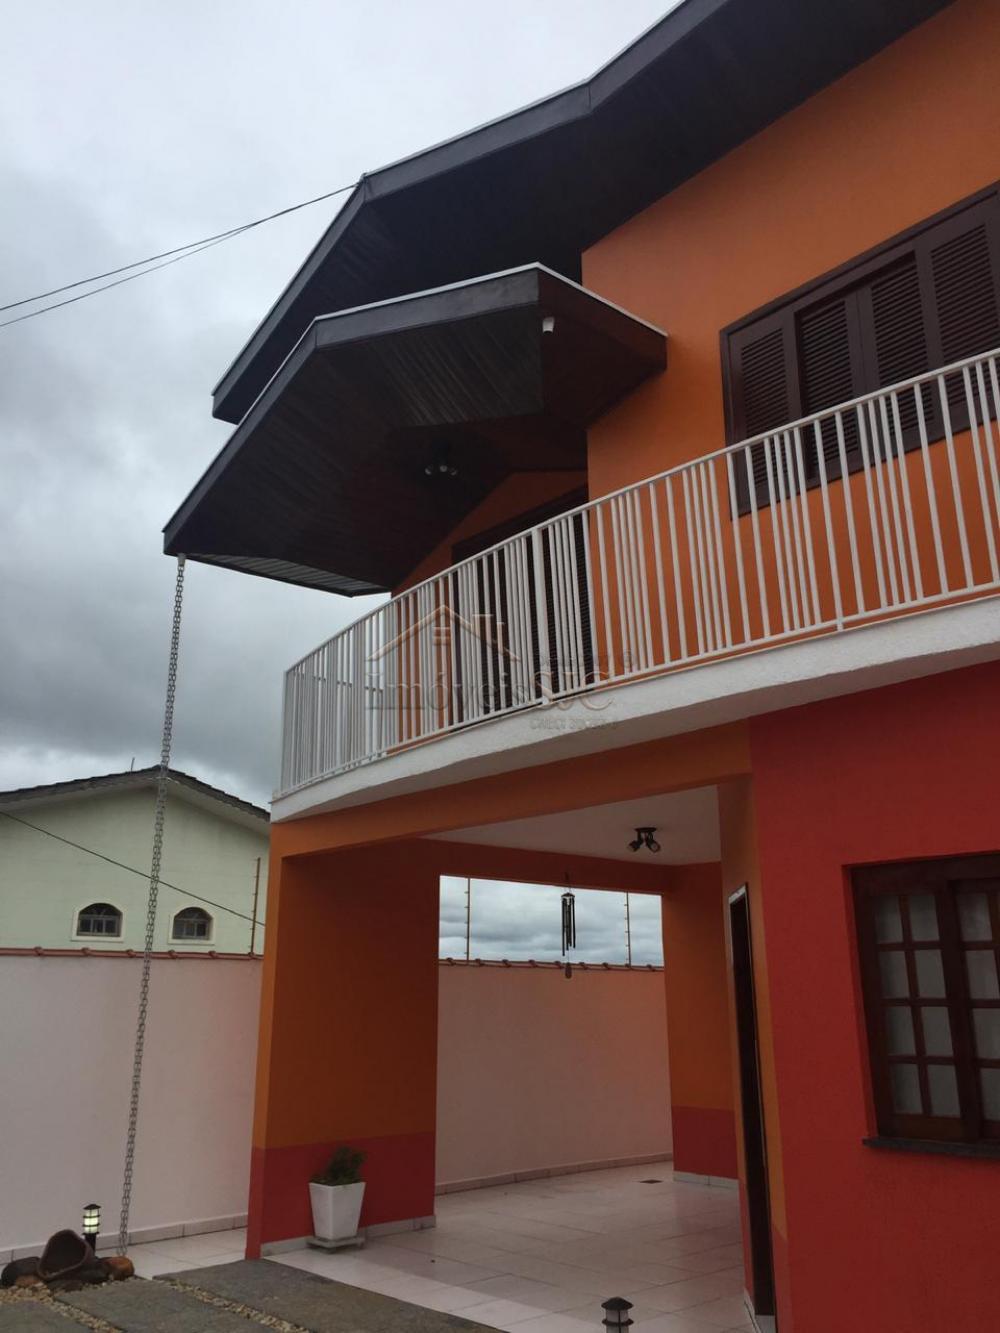 Comprar Casas / Padrão em Jacareí apenas R$ 600.000,00 - Foto 6